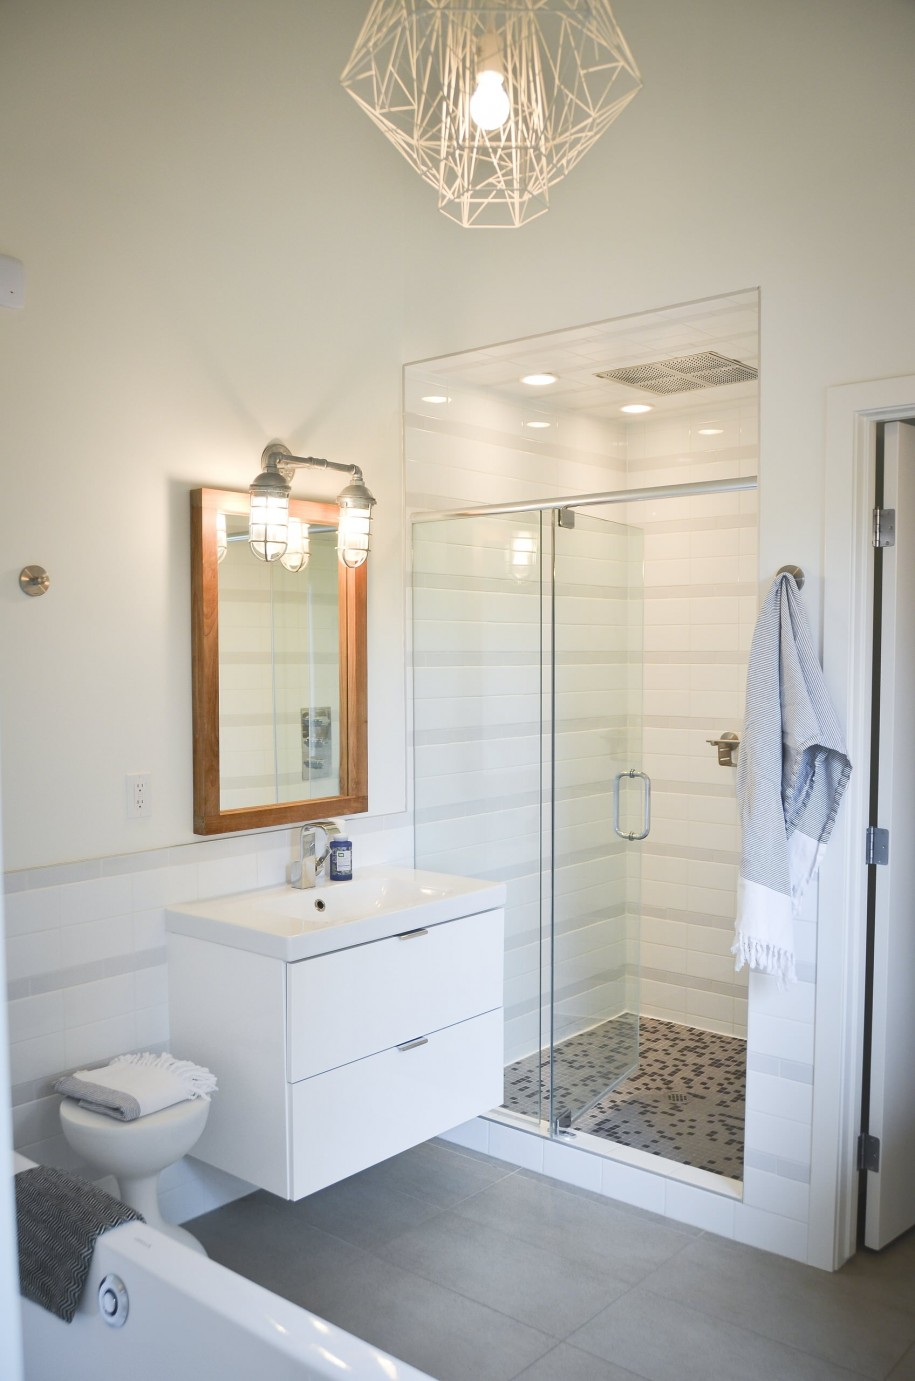 Необычная люстра и настенный светильник в ванной комнате